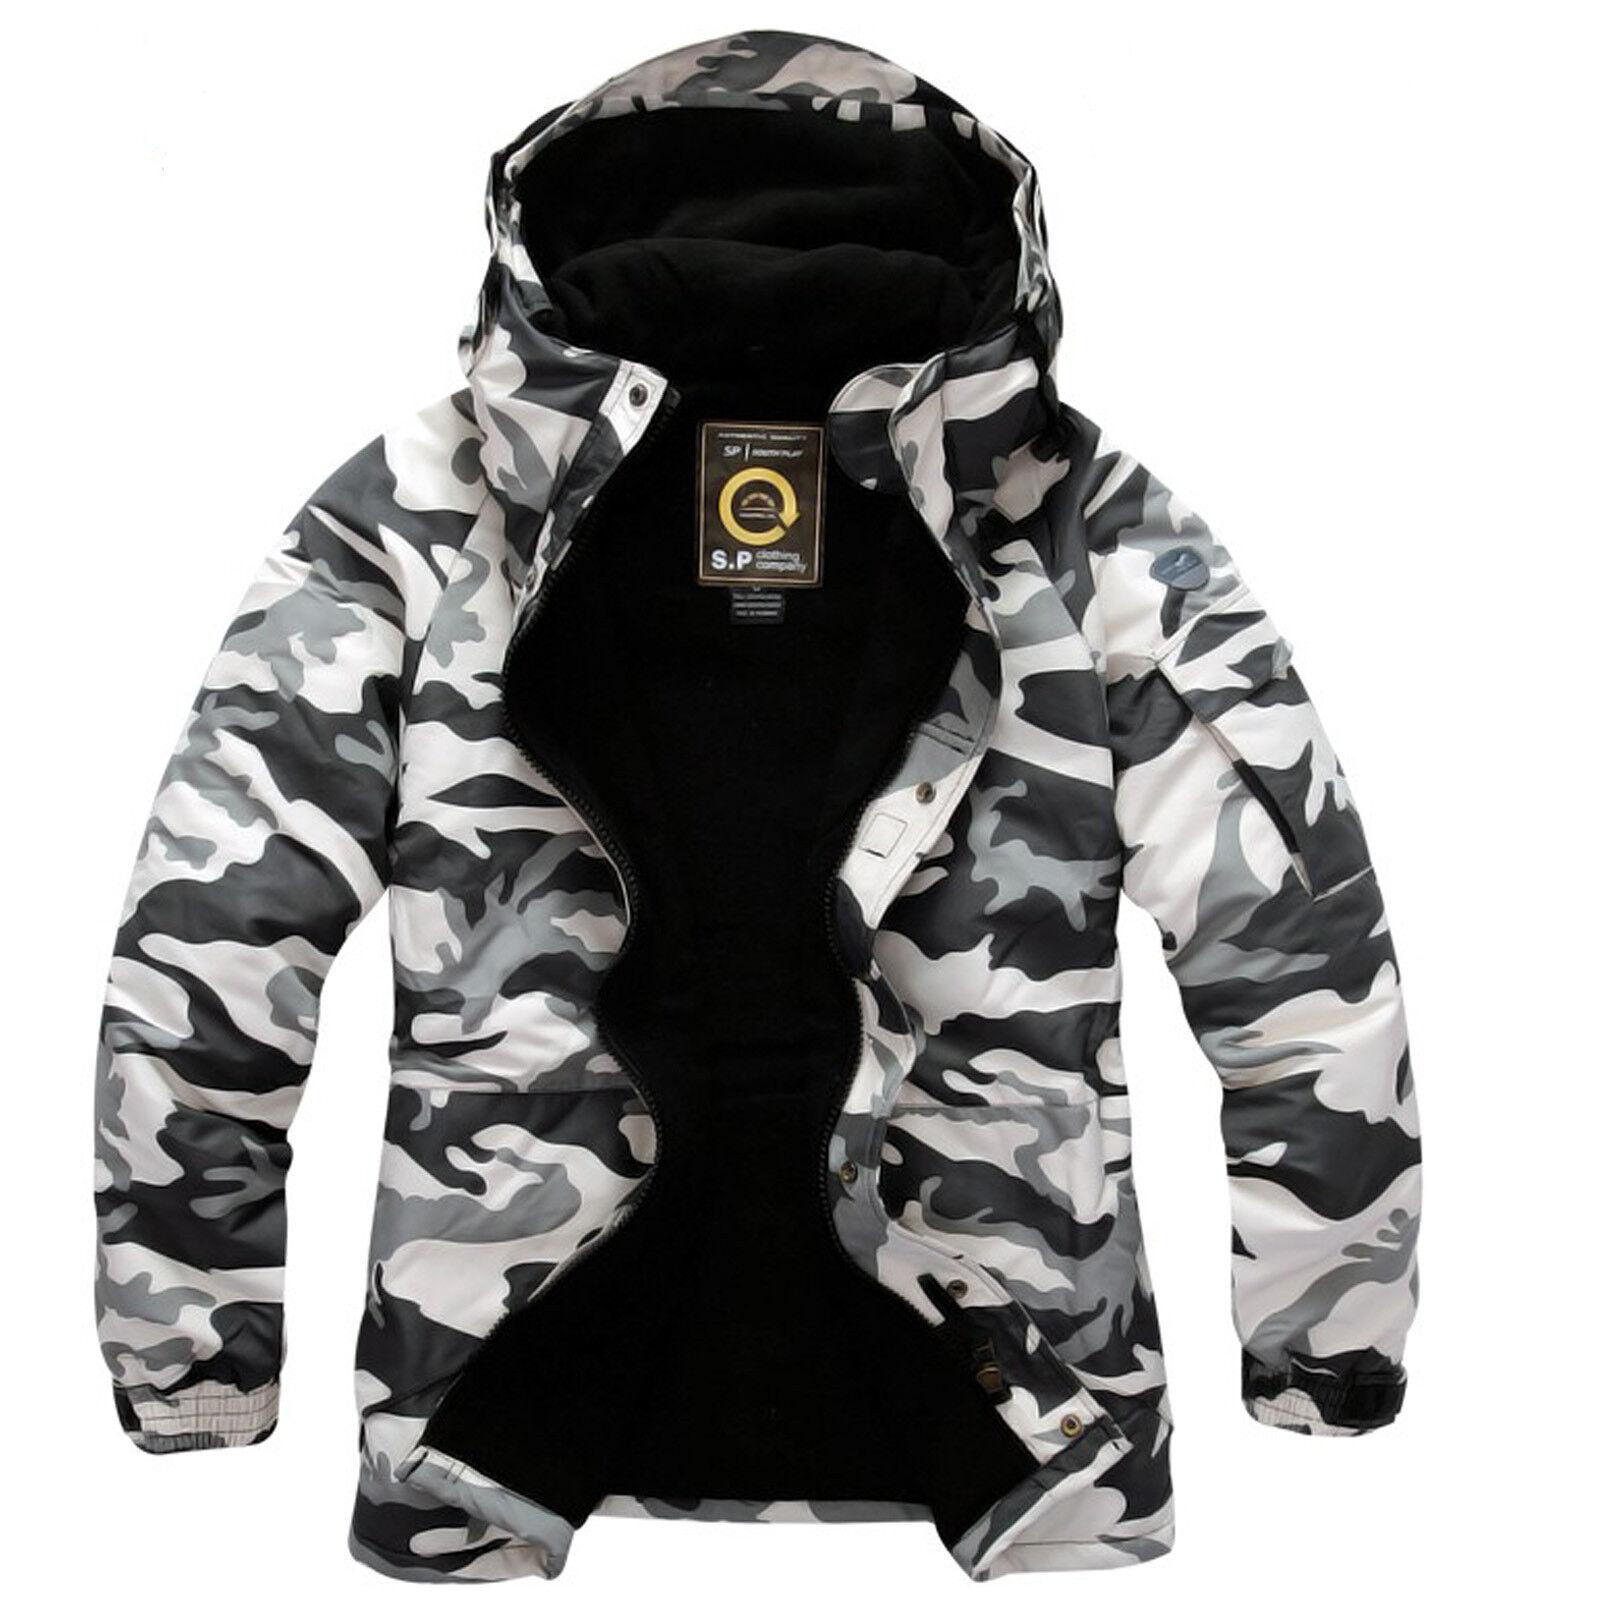 2019 Southplay Herren Military Look Wasserdichte Ski-Snowboard Jacke - Camo Ivor